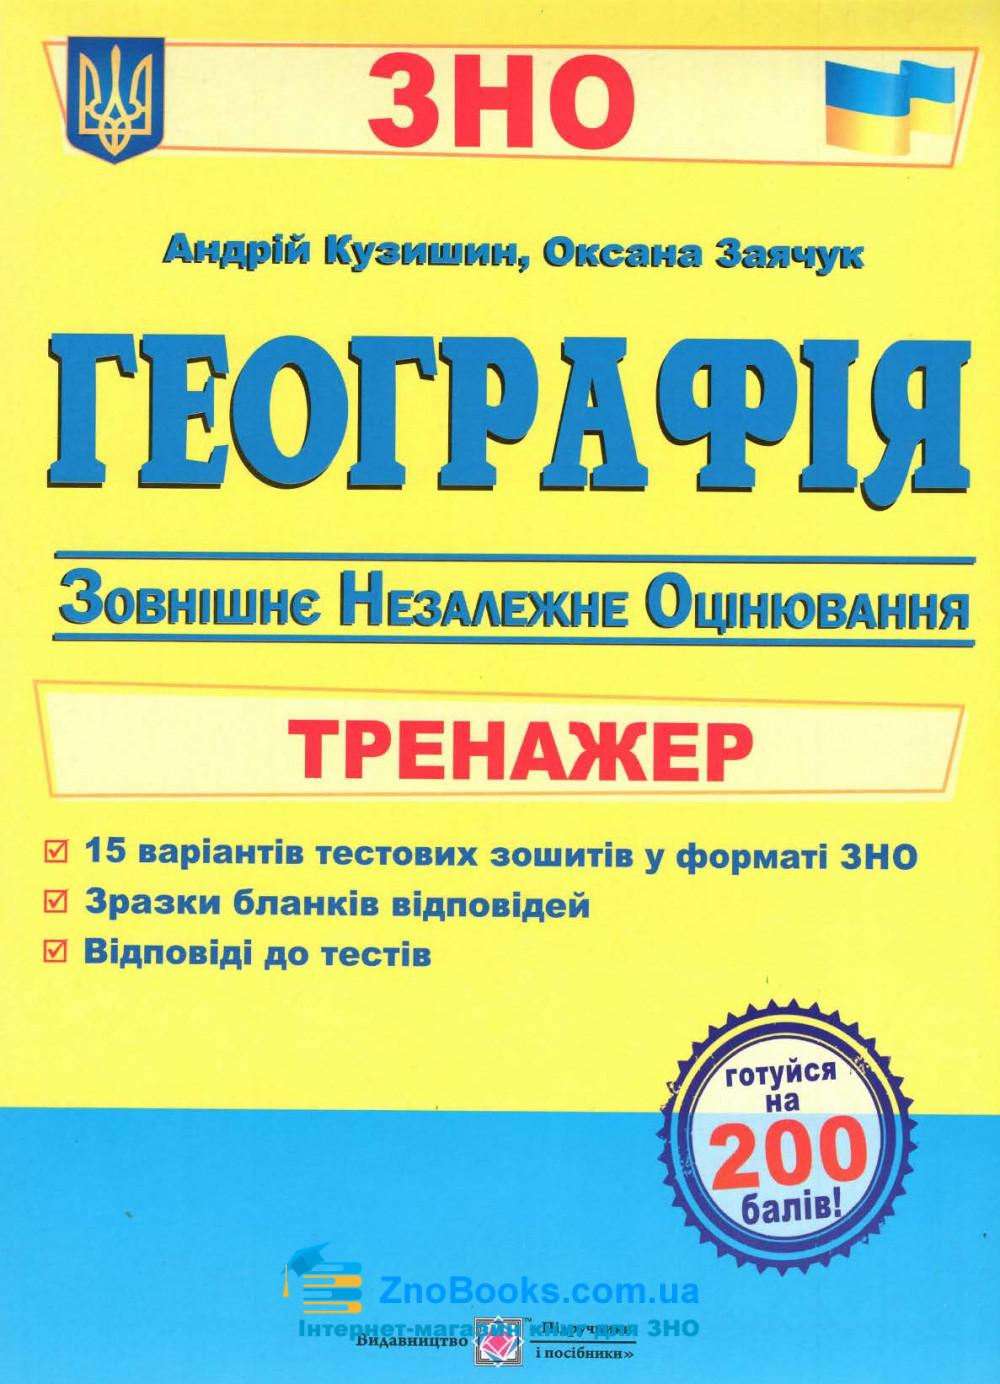 ЗНО 2021 Географія. Тренажер для підготовки до ЗНО : Кузишин А. Тернопіль купити 0